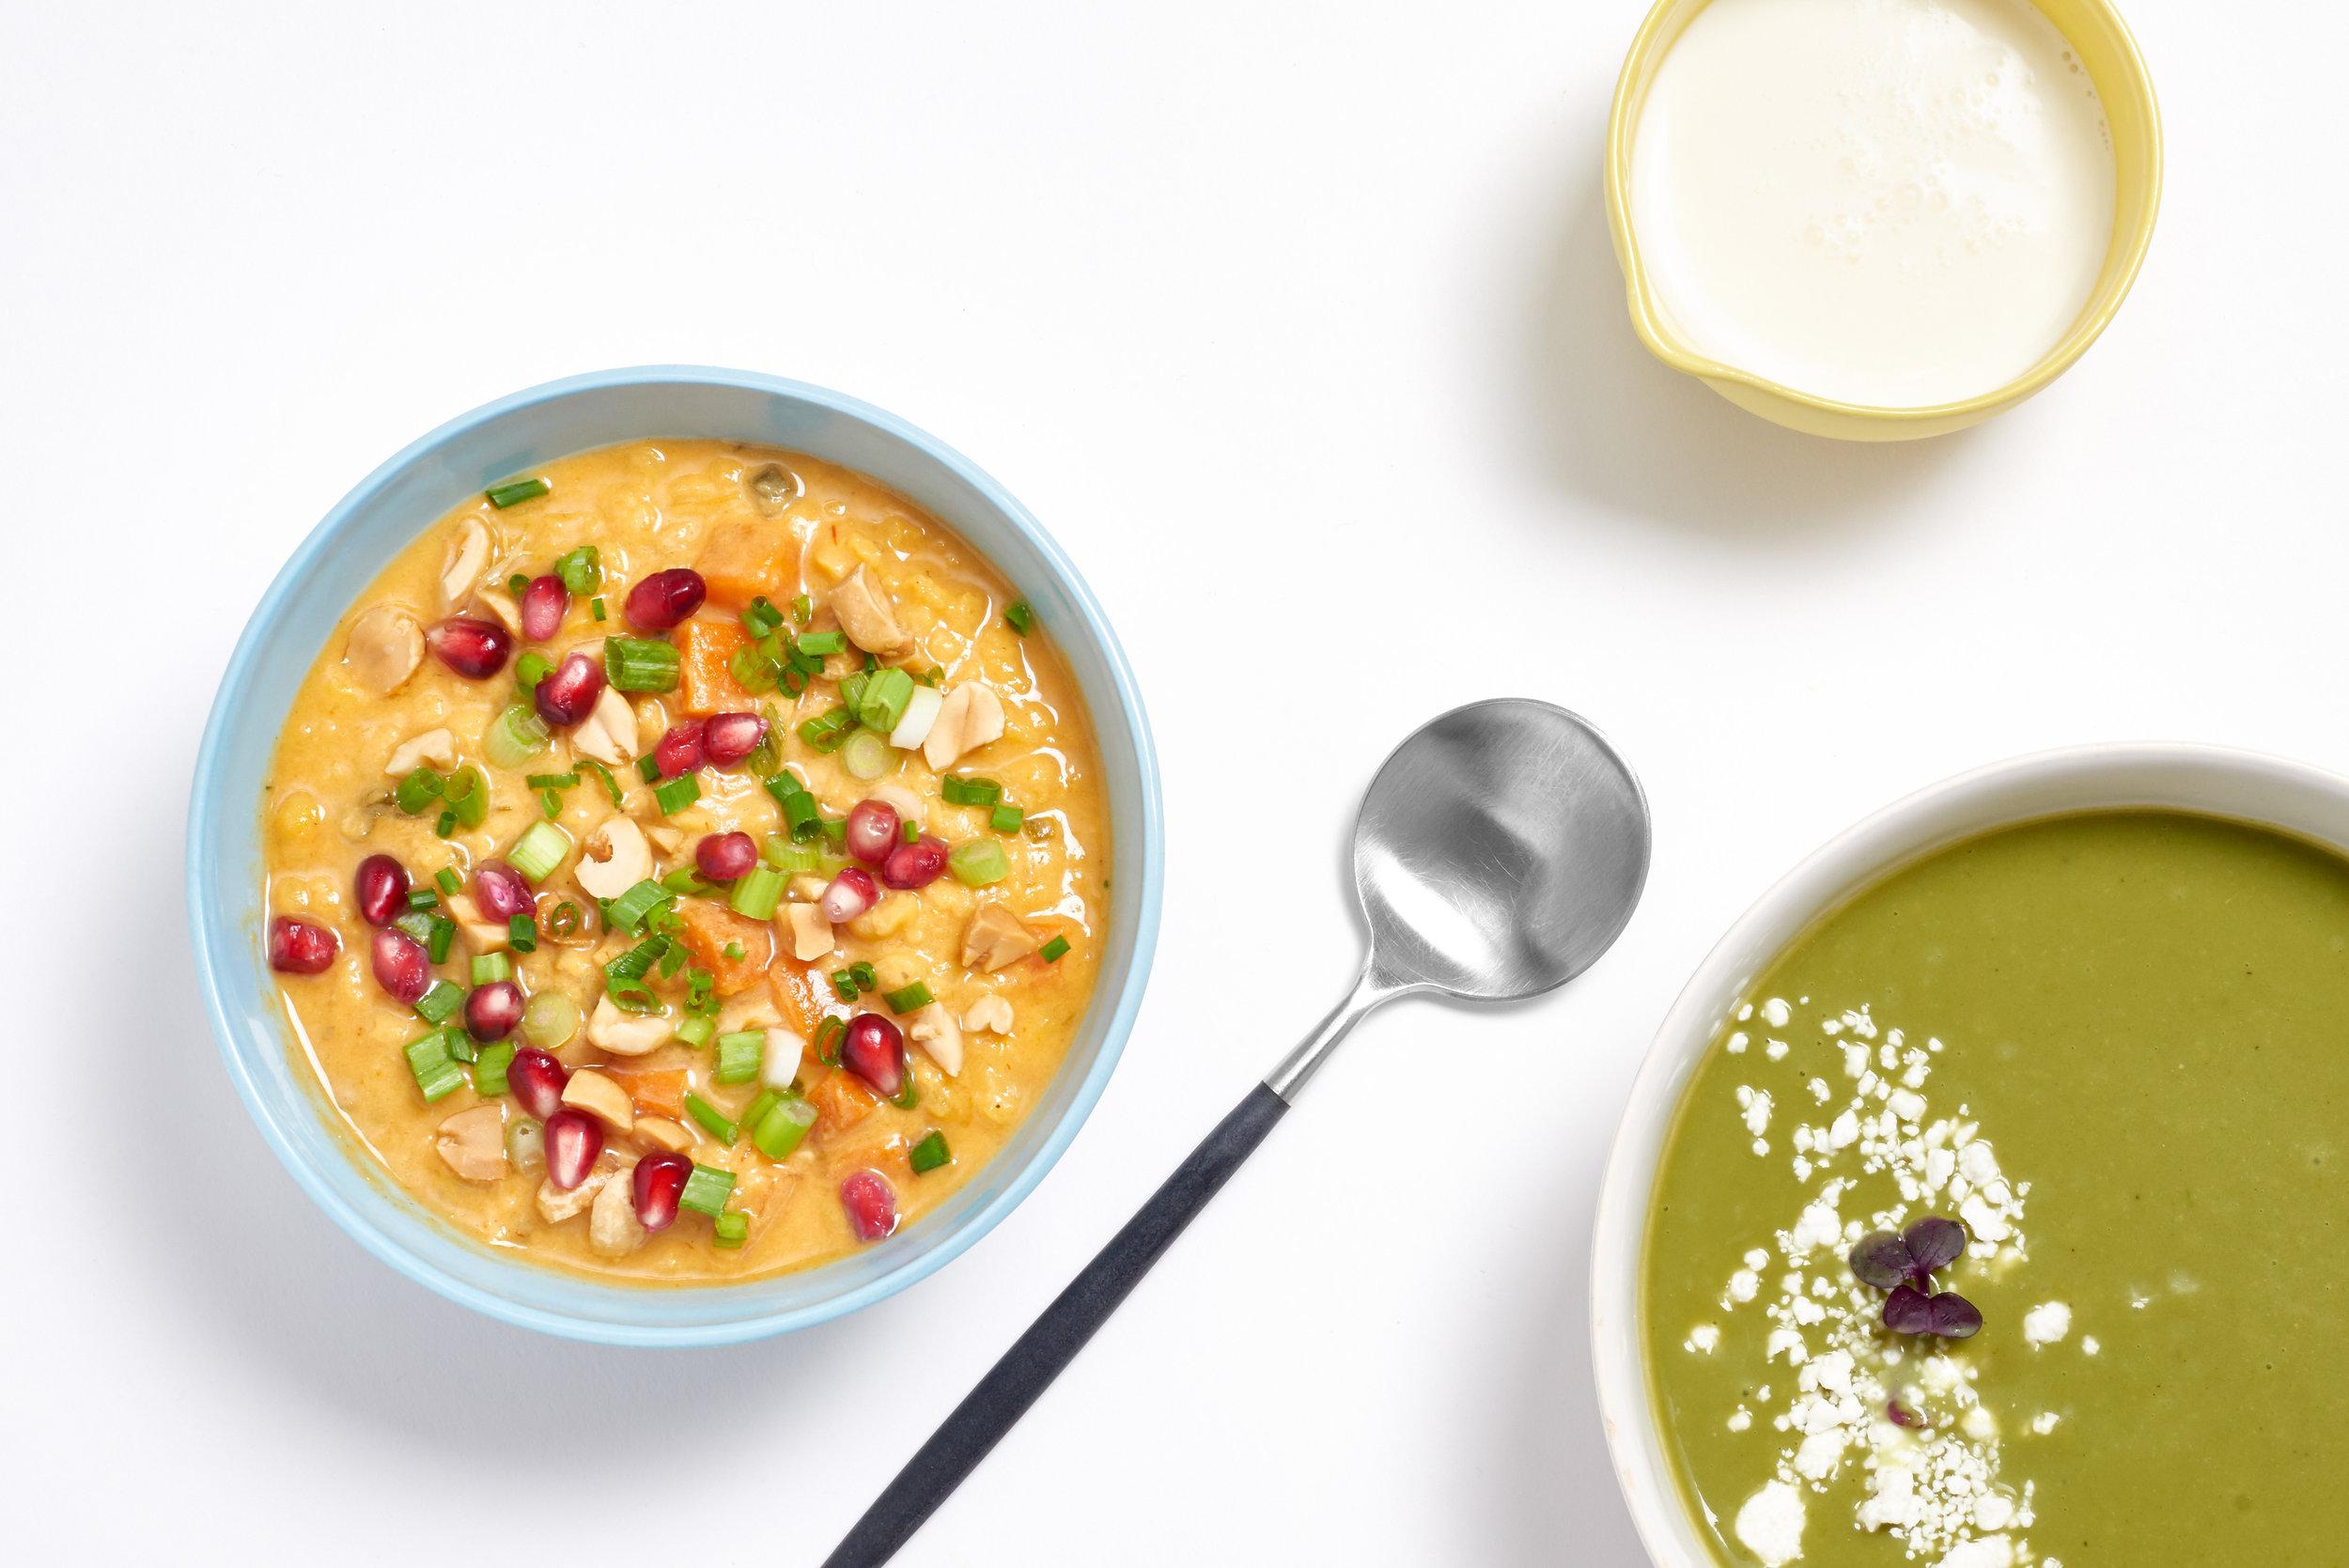 Coconut curry lentil soup + broccoli & spinach soup